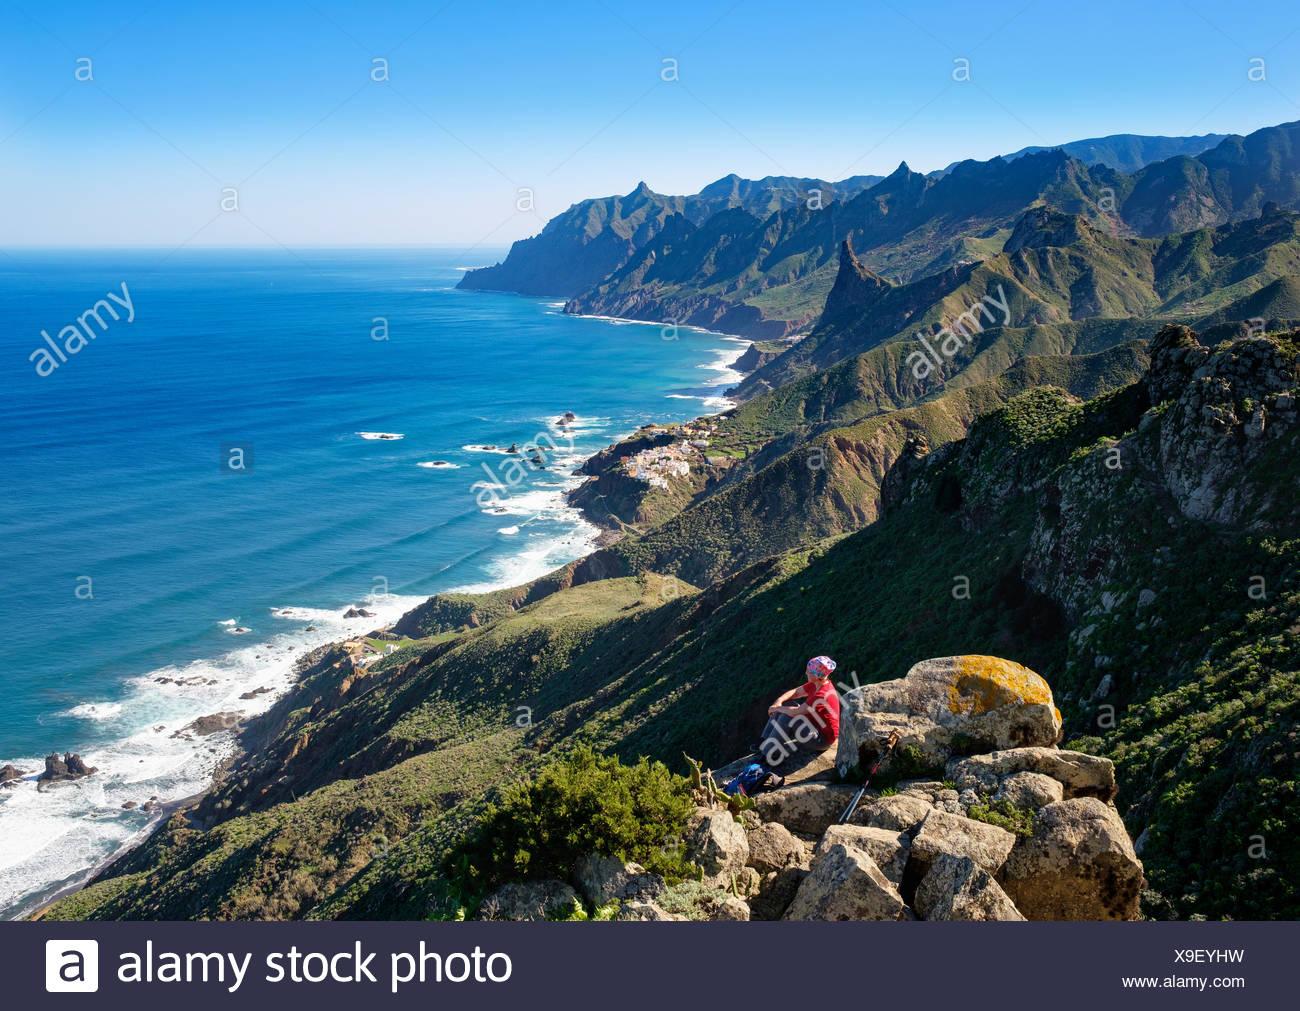 Küste mit Dorf Almaciga, Anaga-Gebirge, Teneriffa, Kanarische Inseln, Spanien - Stock Image